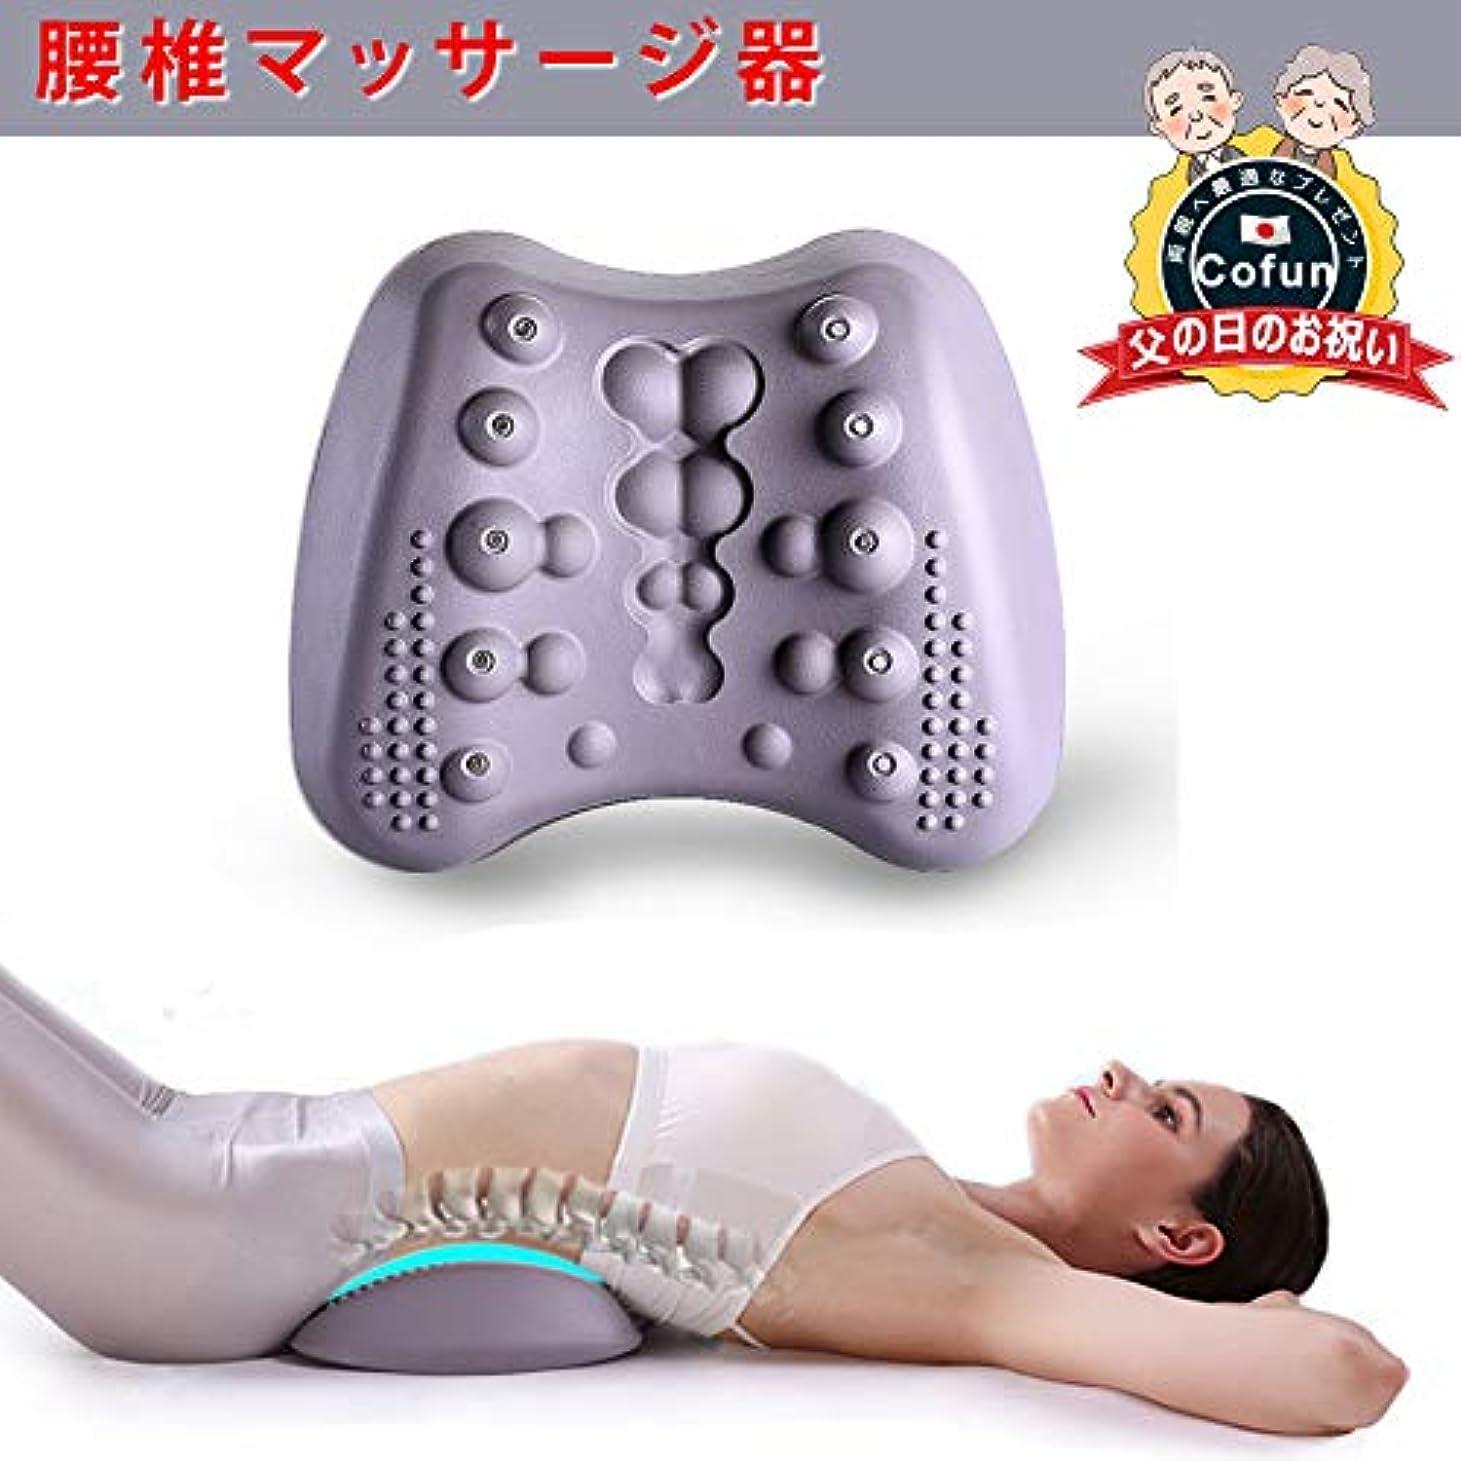 そのモディッシュ城腰椎矯正器 腰マッサージ器 脊椎牽引器 腰部パッド マグネット指圧 疲労を和らげる 腰痛を和らげる